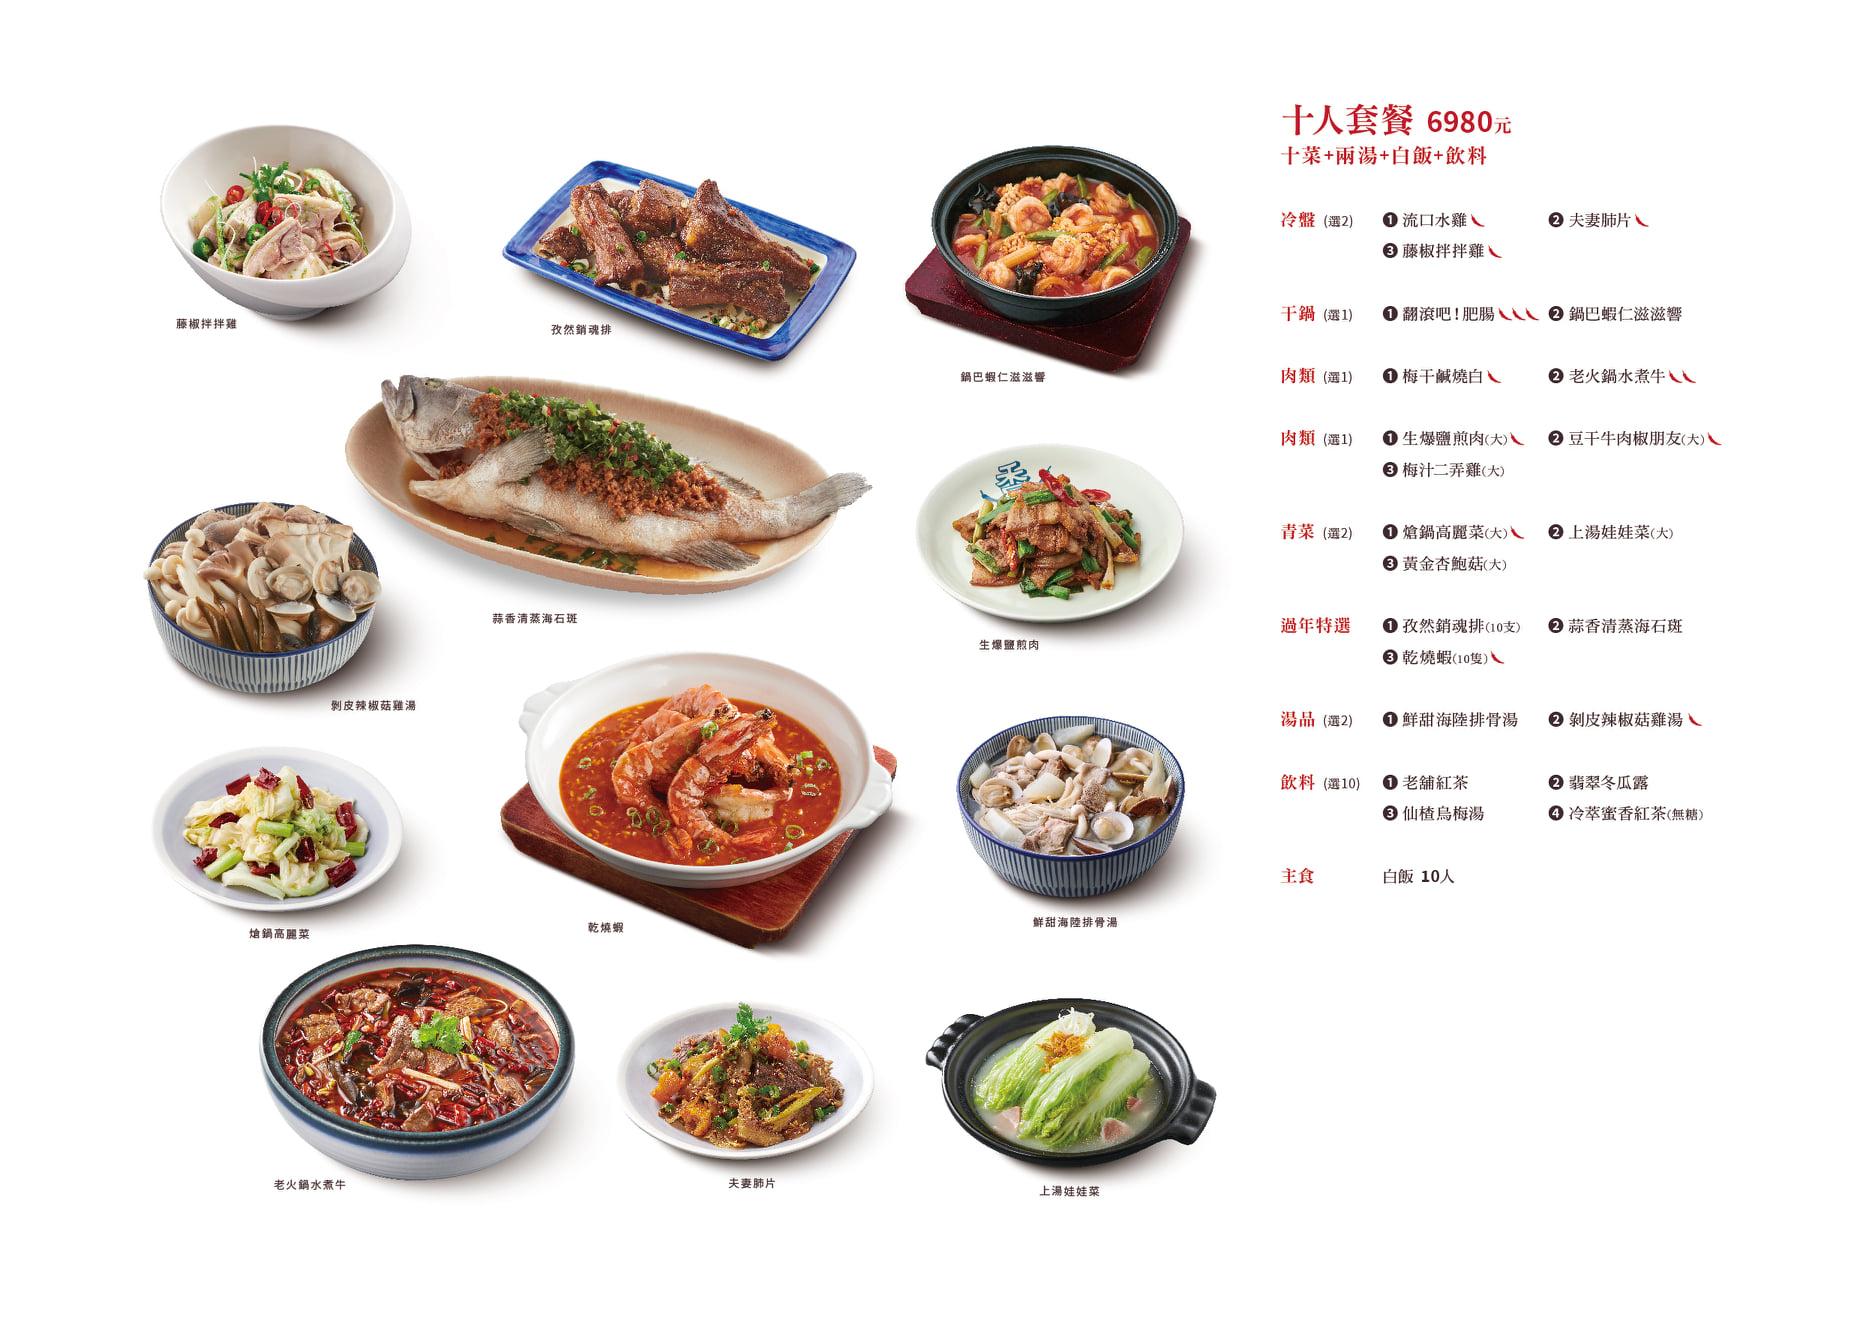 開飯川食堂菜單MENU-十人套餐